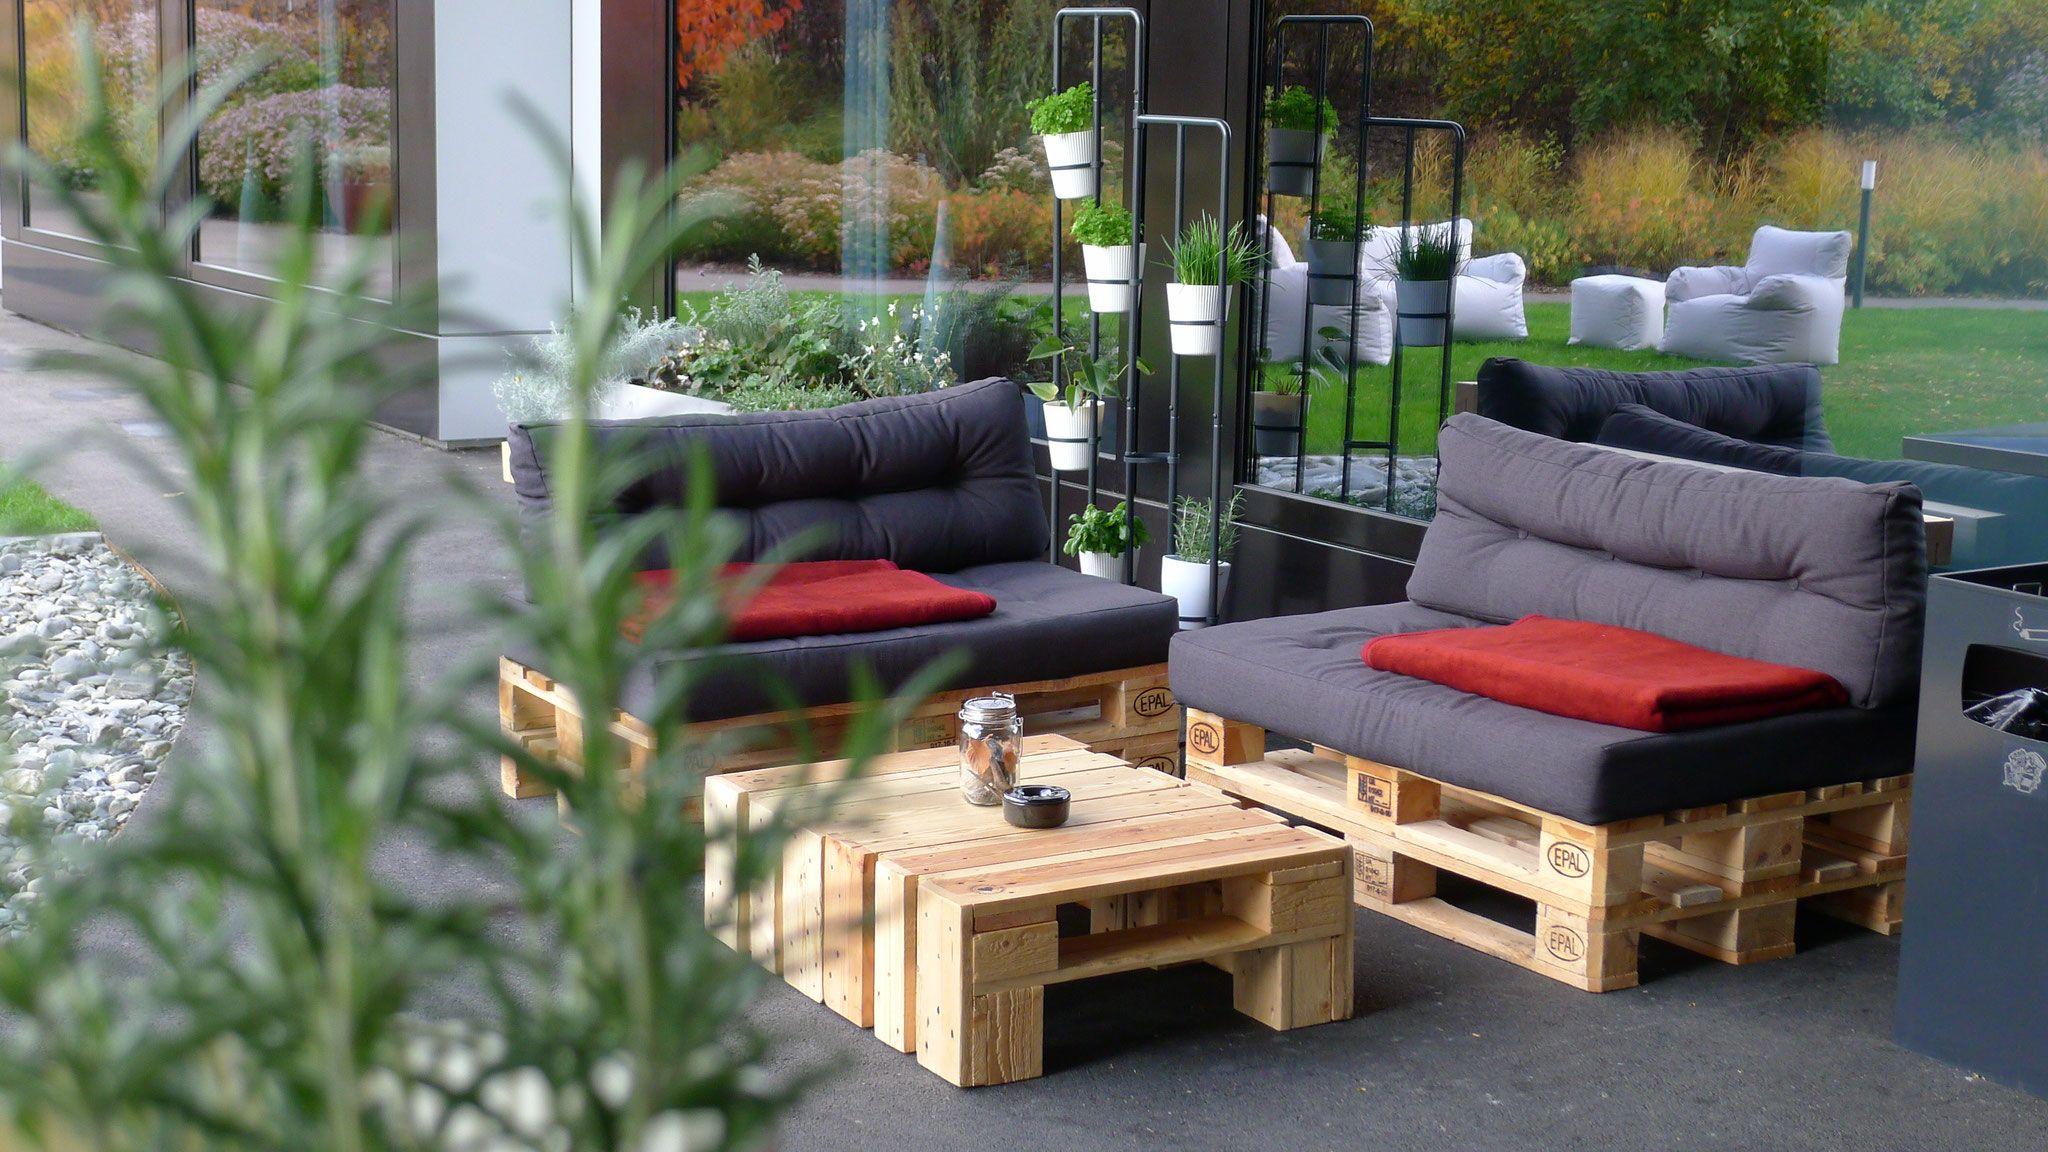 Palettenmöbel - Palettenliebe - Möbel aus Europaletten | Garten ...